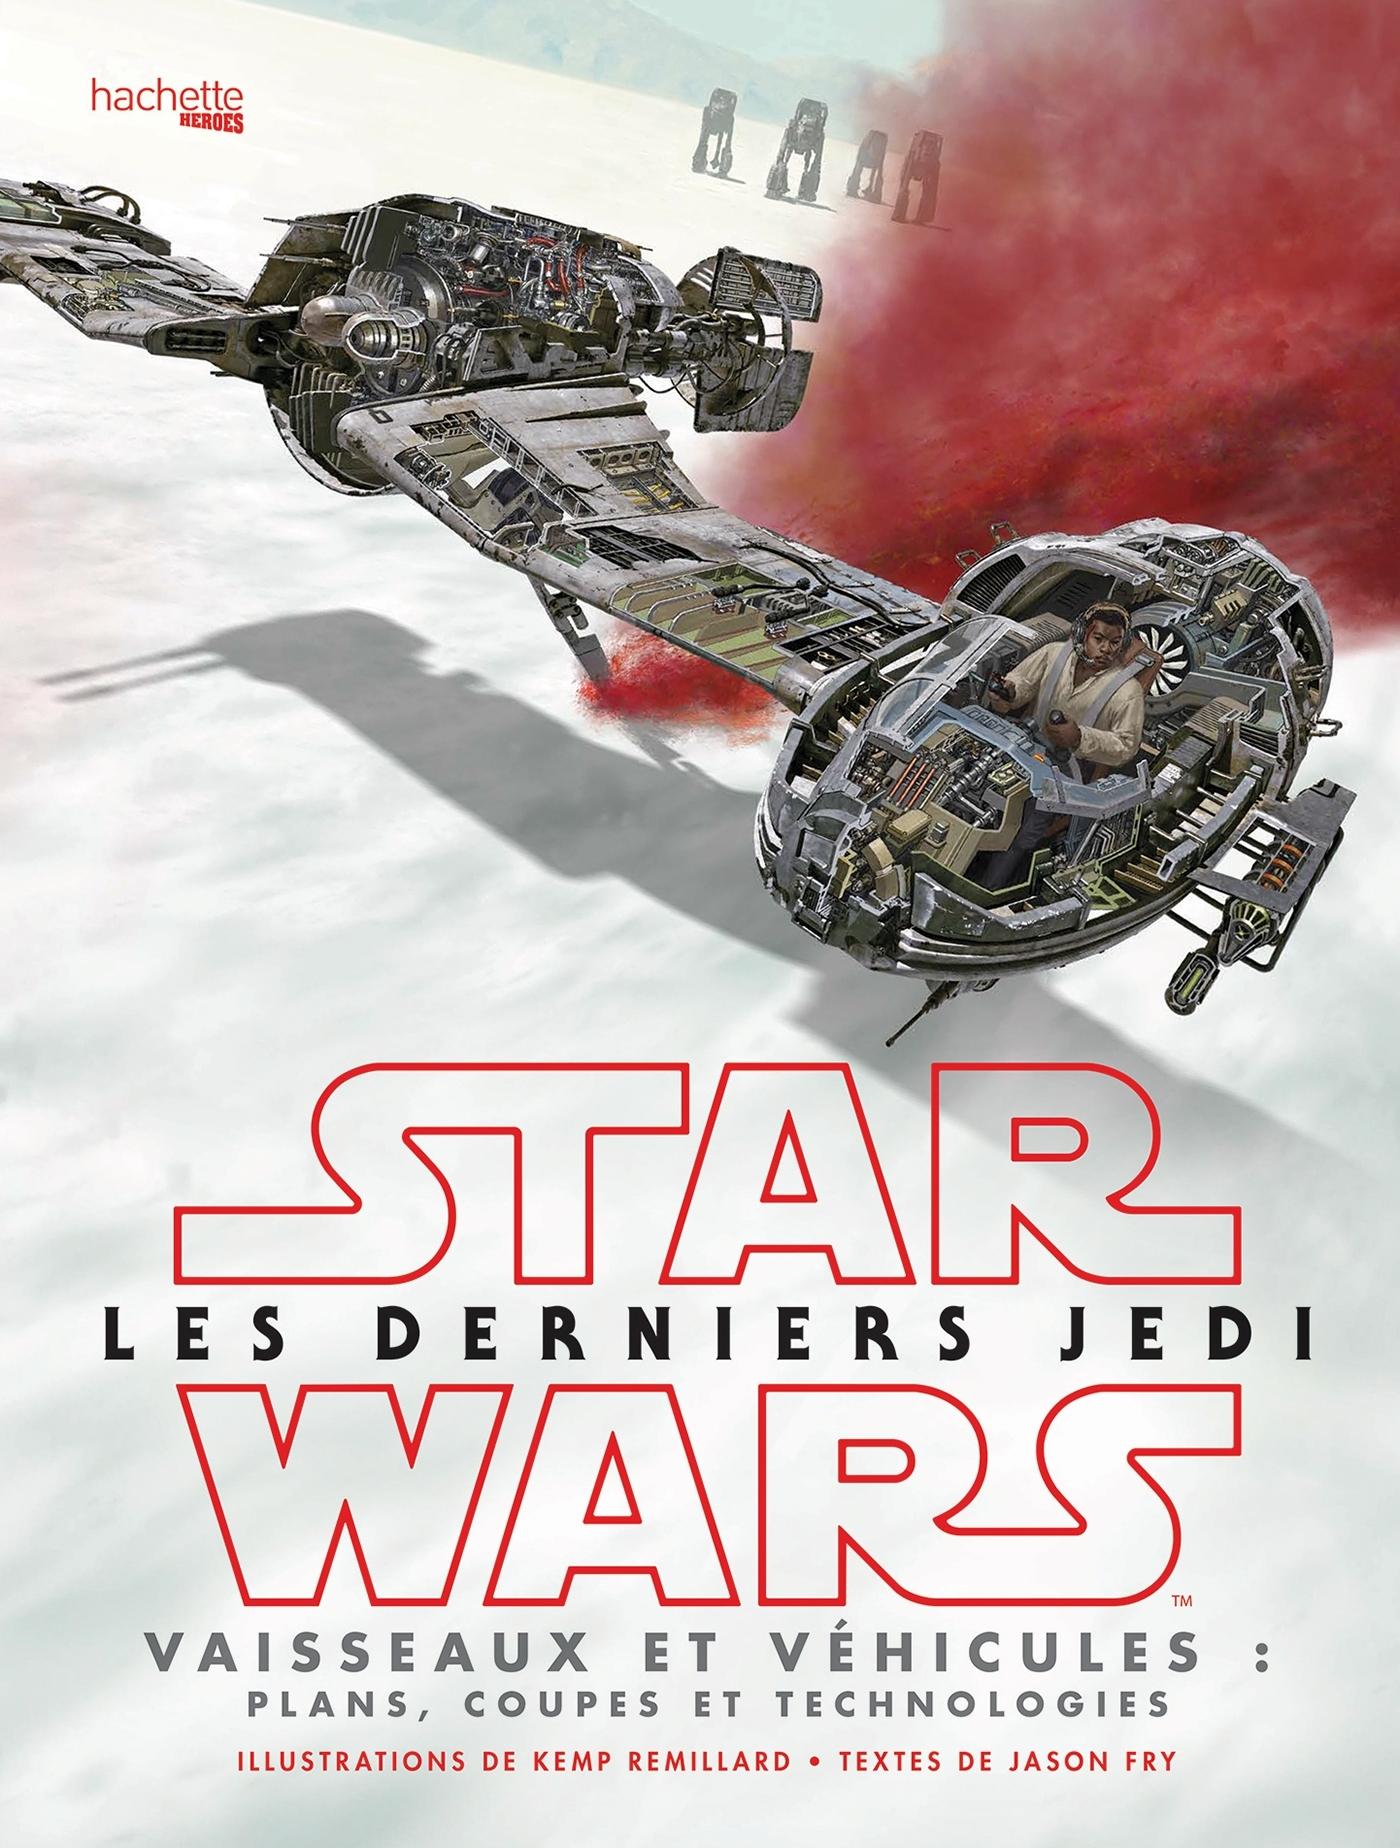 STAR WARS LES DERNIERS JEDI : VAISSEAUX ET VEHICULES